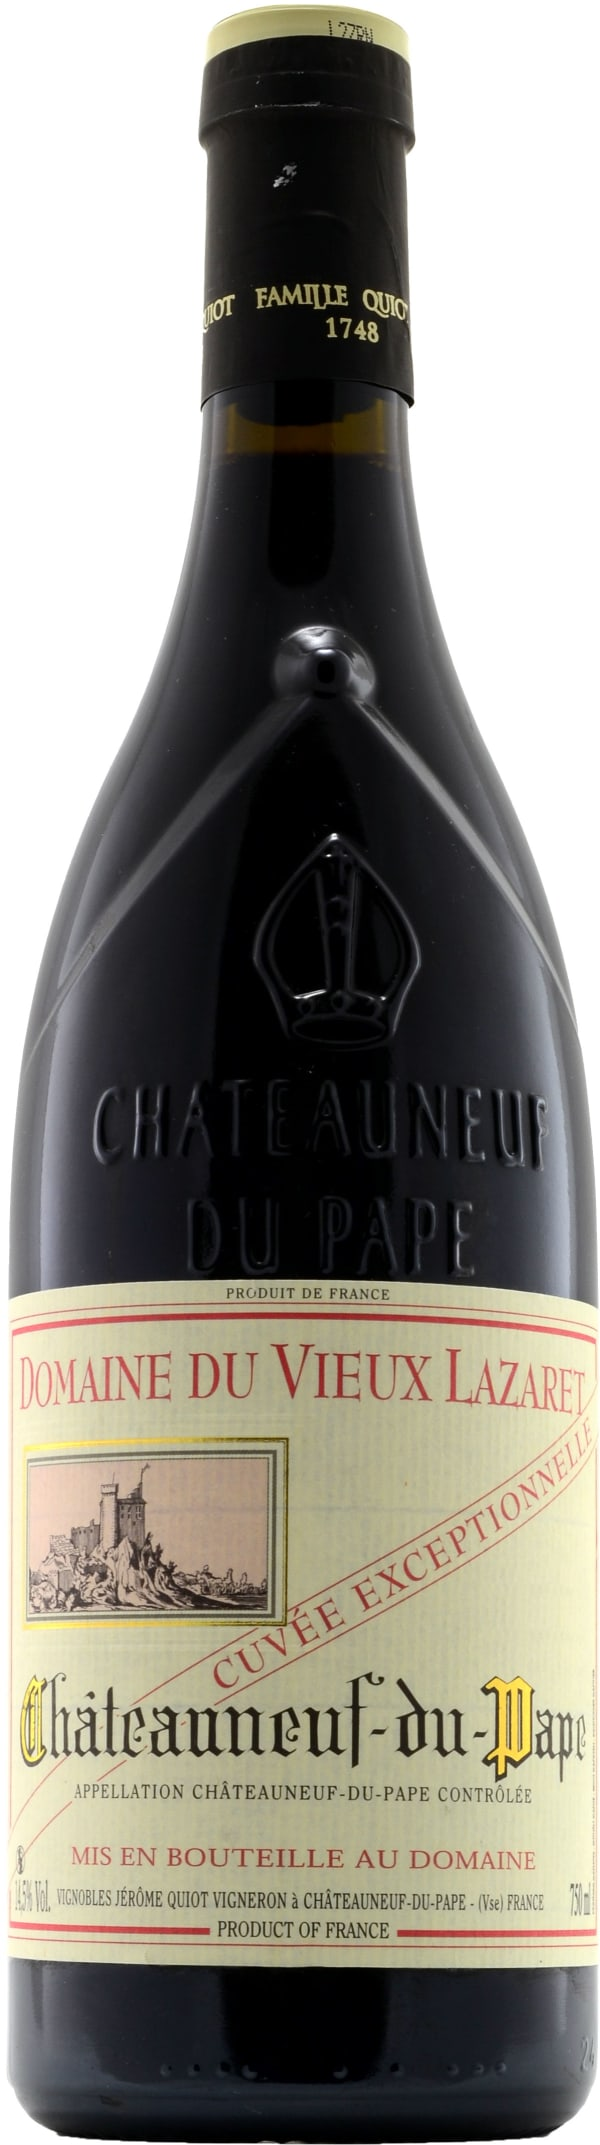 Domaine du Vieux Lazaret Châteauneuf-du-Pape Cuvée Exceptionelle 2013